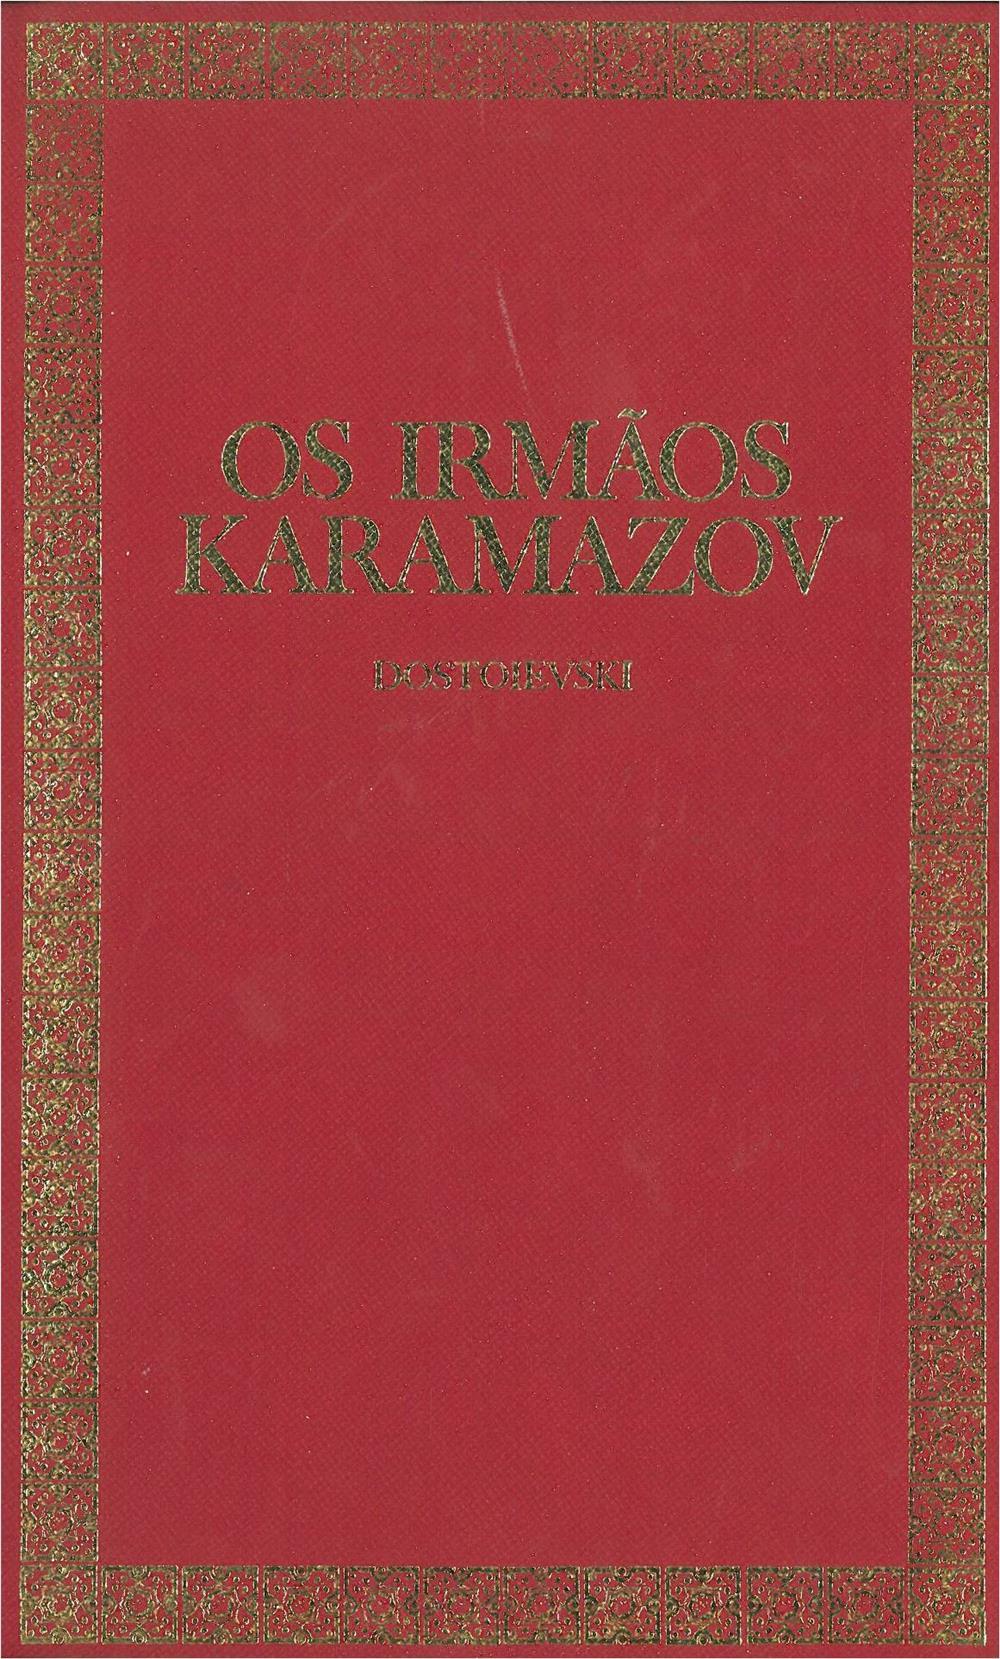 Os irmãos Karamazov_.jpg